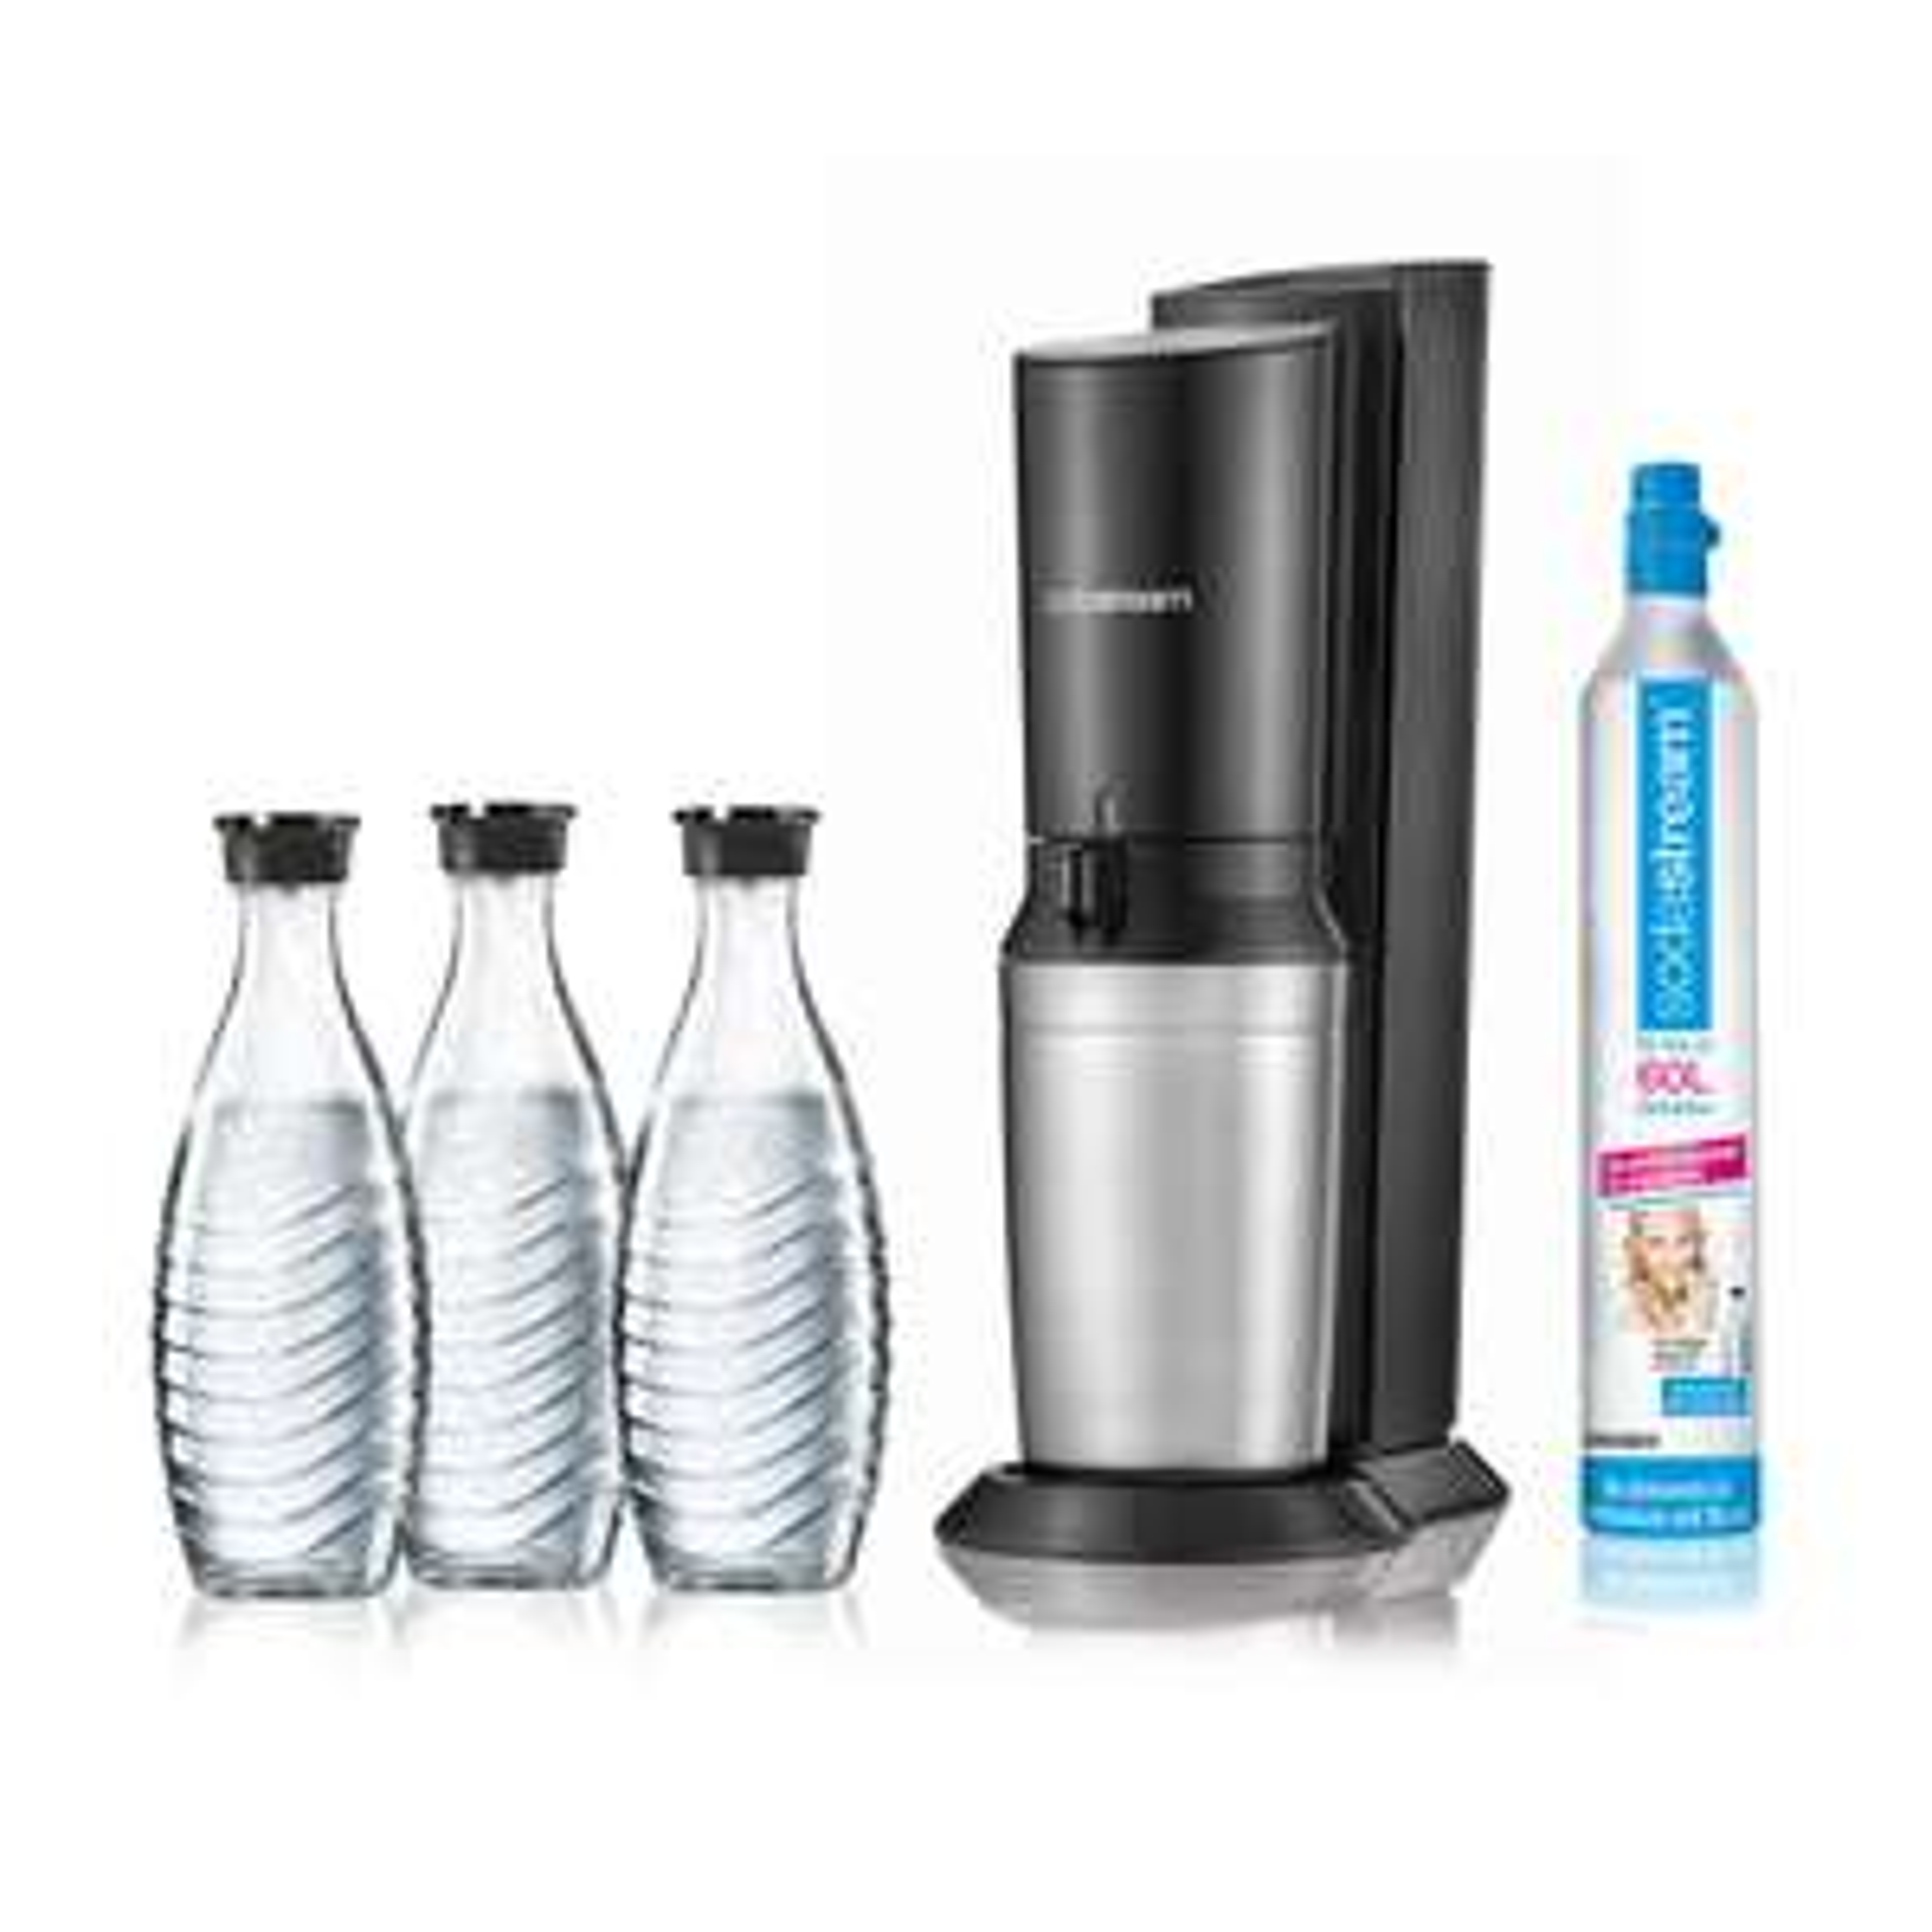 Sodastream Crystal 2.0 inkl. 3 Glaskaraffen und 5 Jahren Herstellergarantie für effektiv 79,49€ durch Payback 999 extra Punkte (Neukunden)